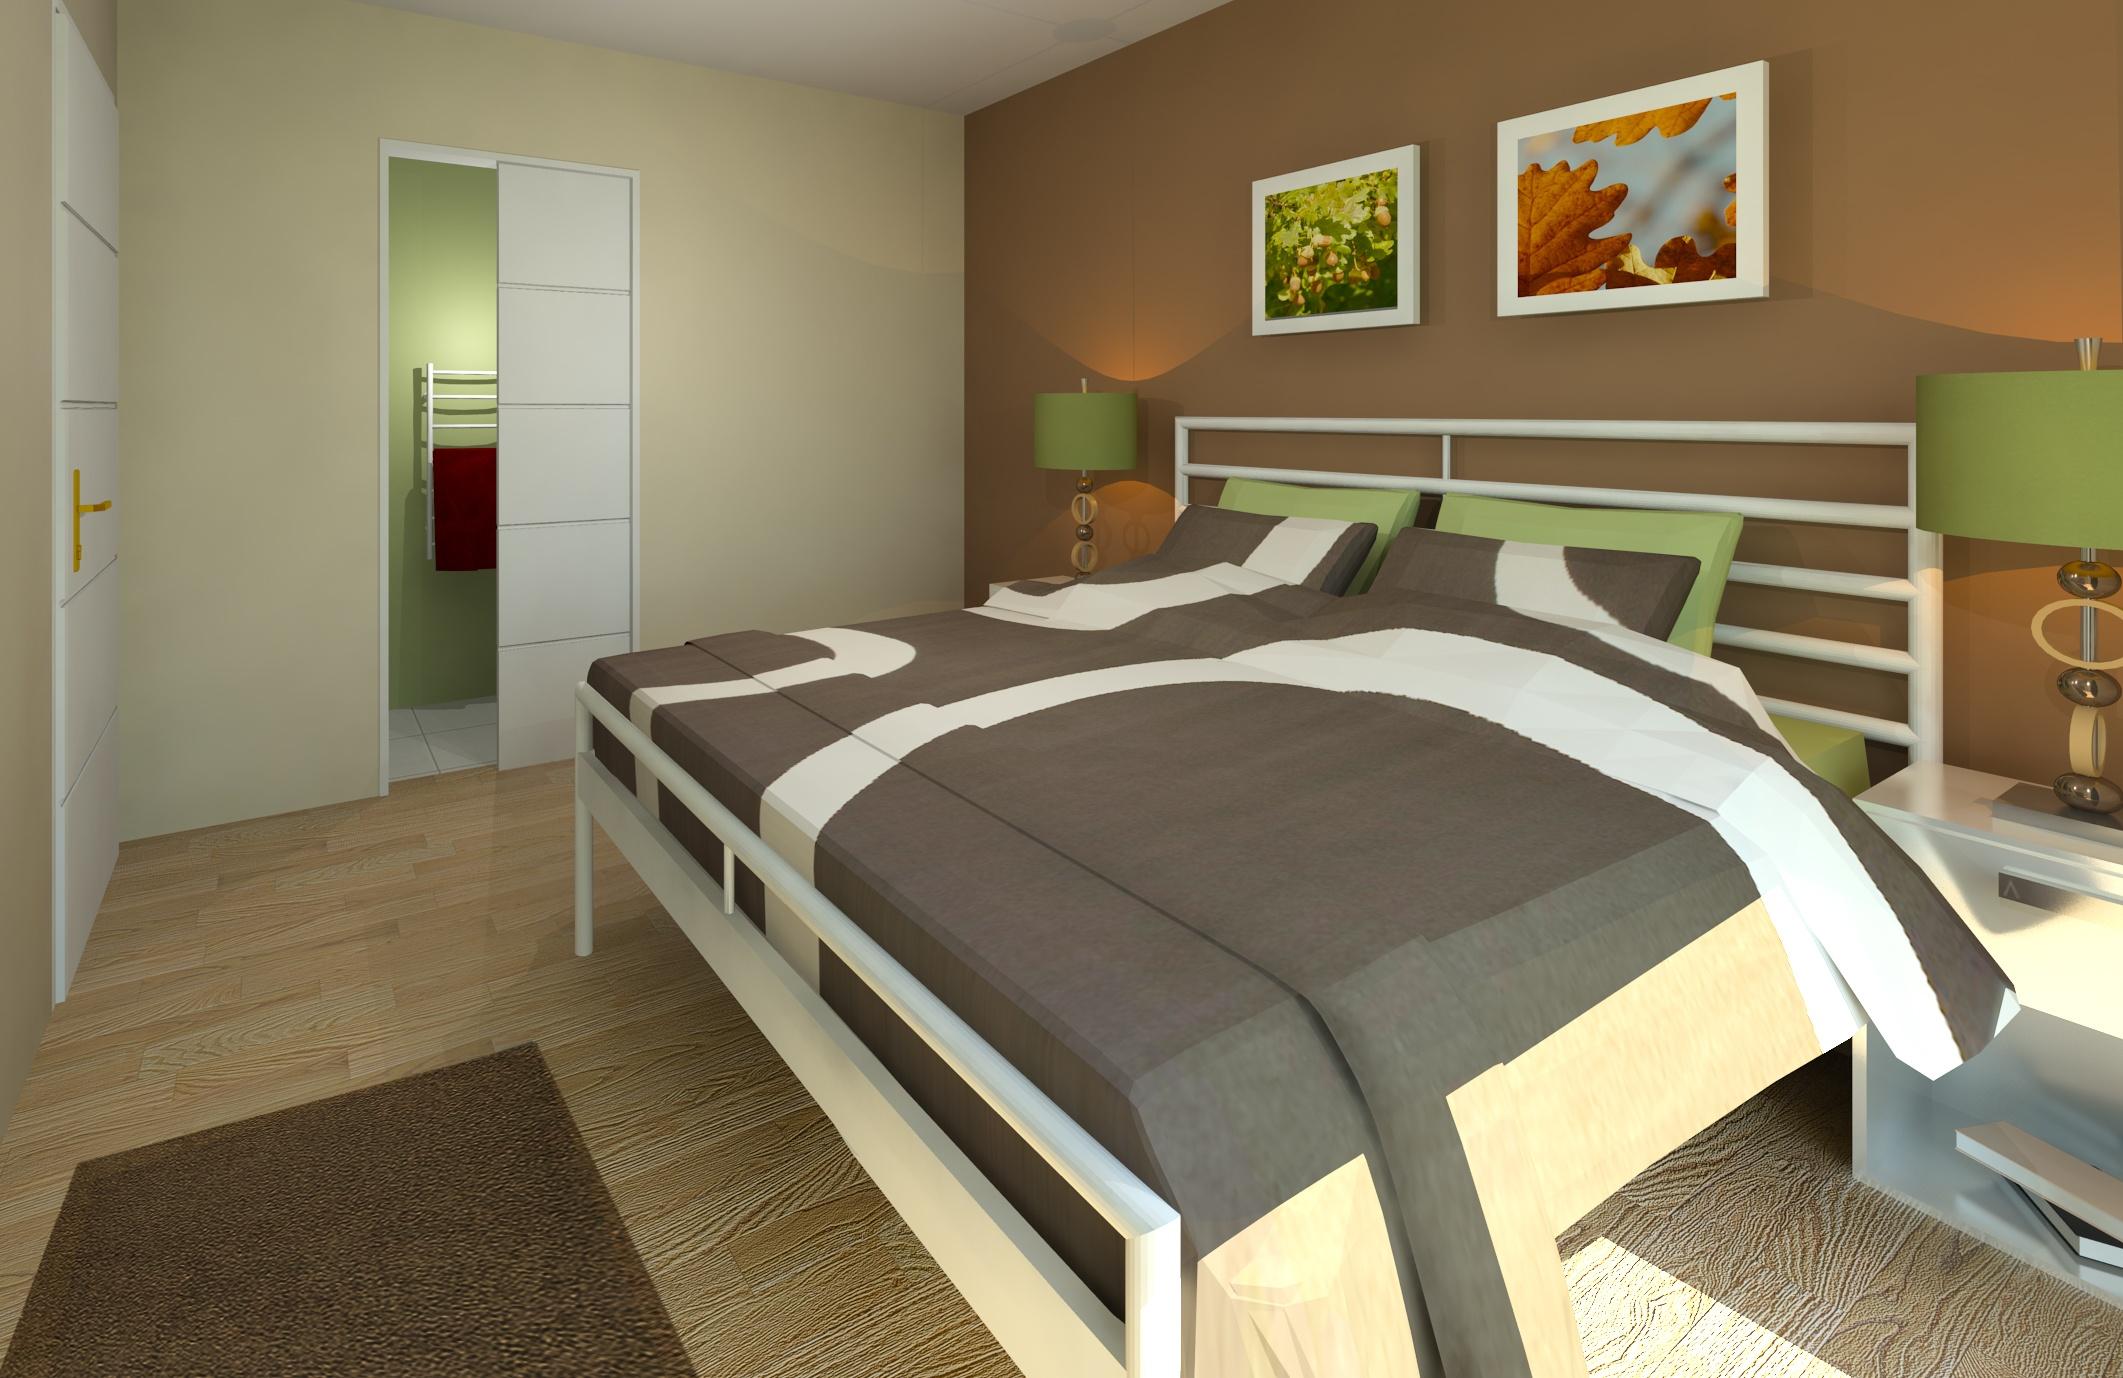 Maisons + Terrains du constructeur MAISON FAMILIALE • 130 m² • MERY SUR OISE